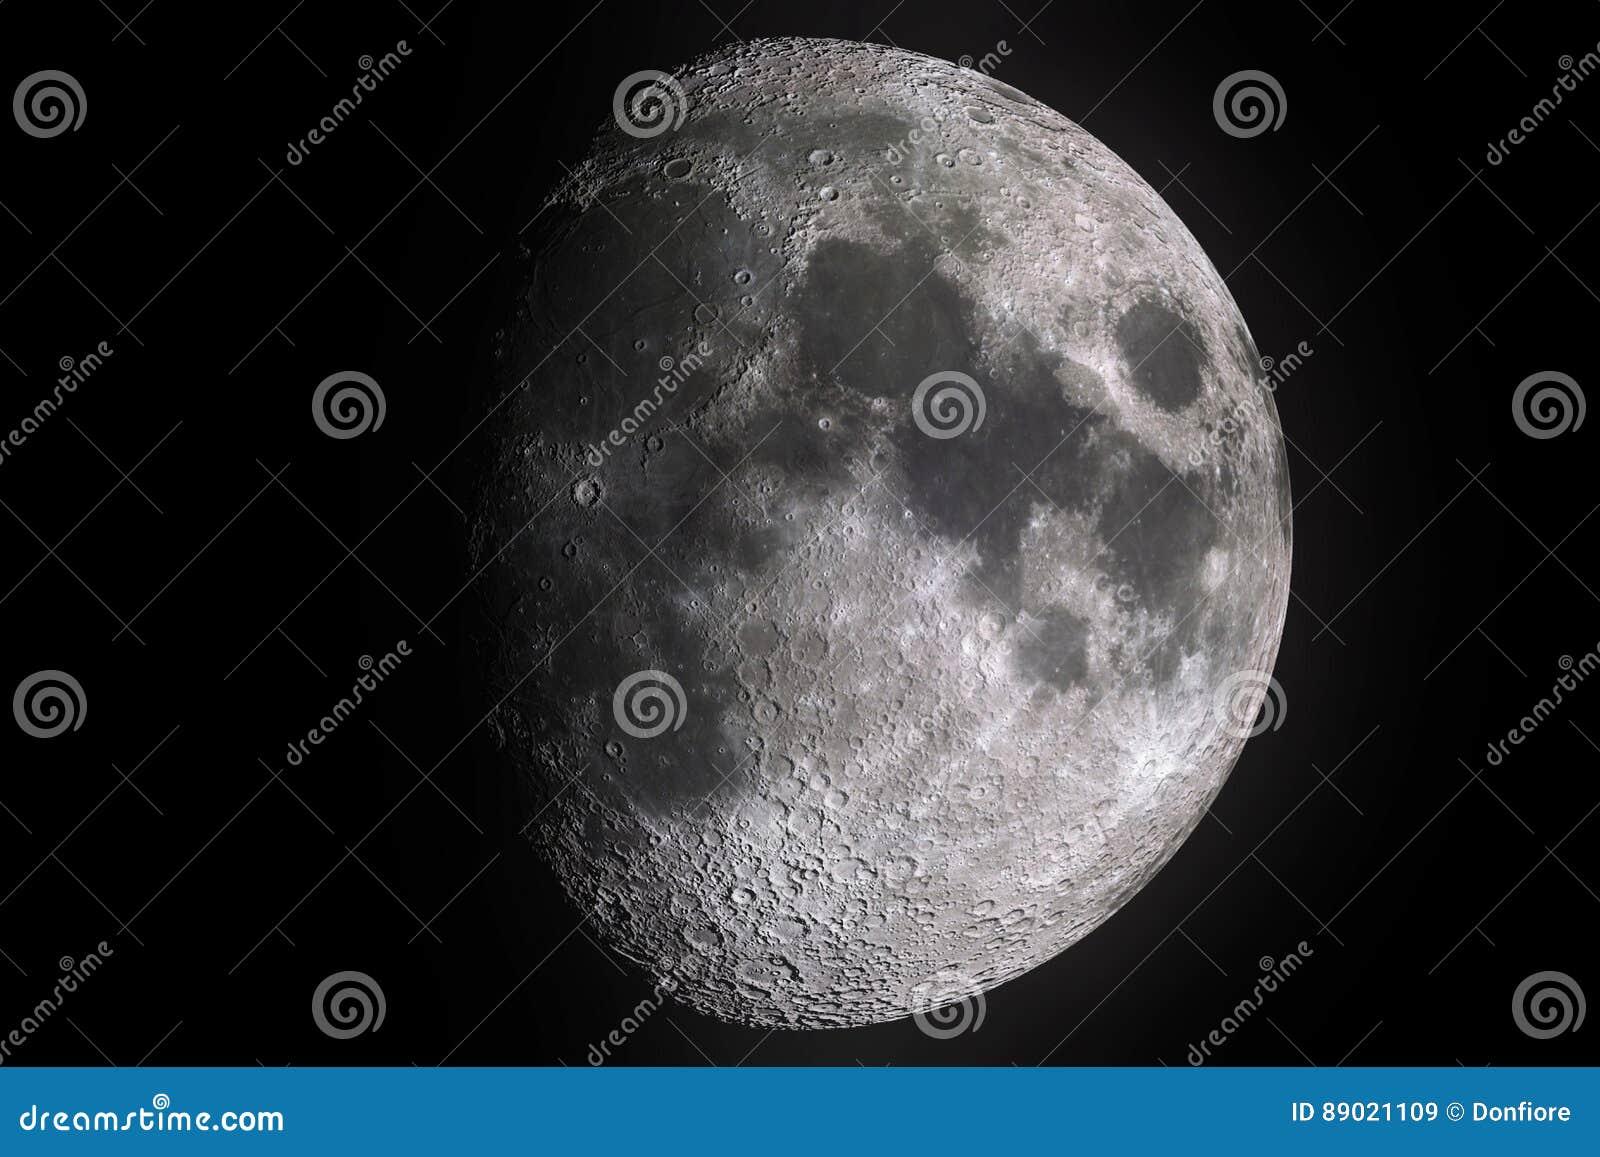 Esté en la luna las fases con la sombra ligera de la superficie de la luna con el cráter en fondo, el universo y la ciencia negro